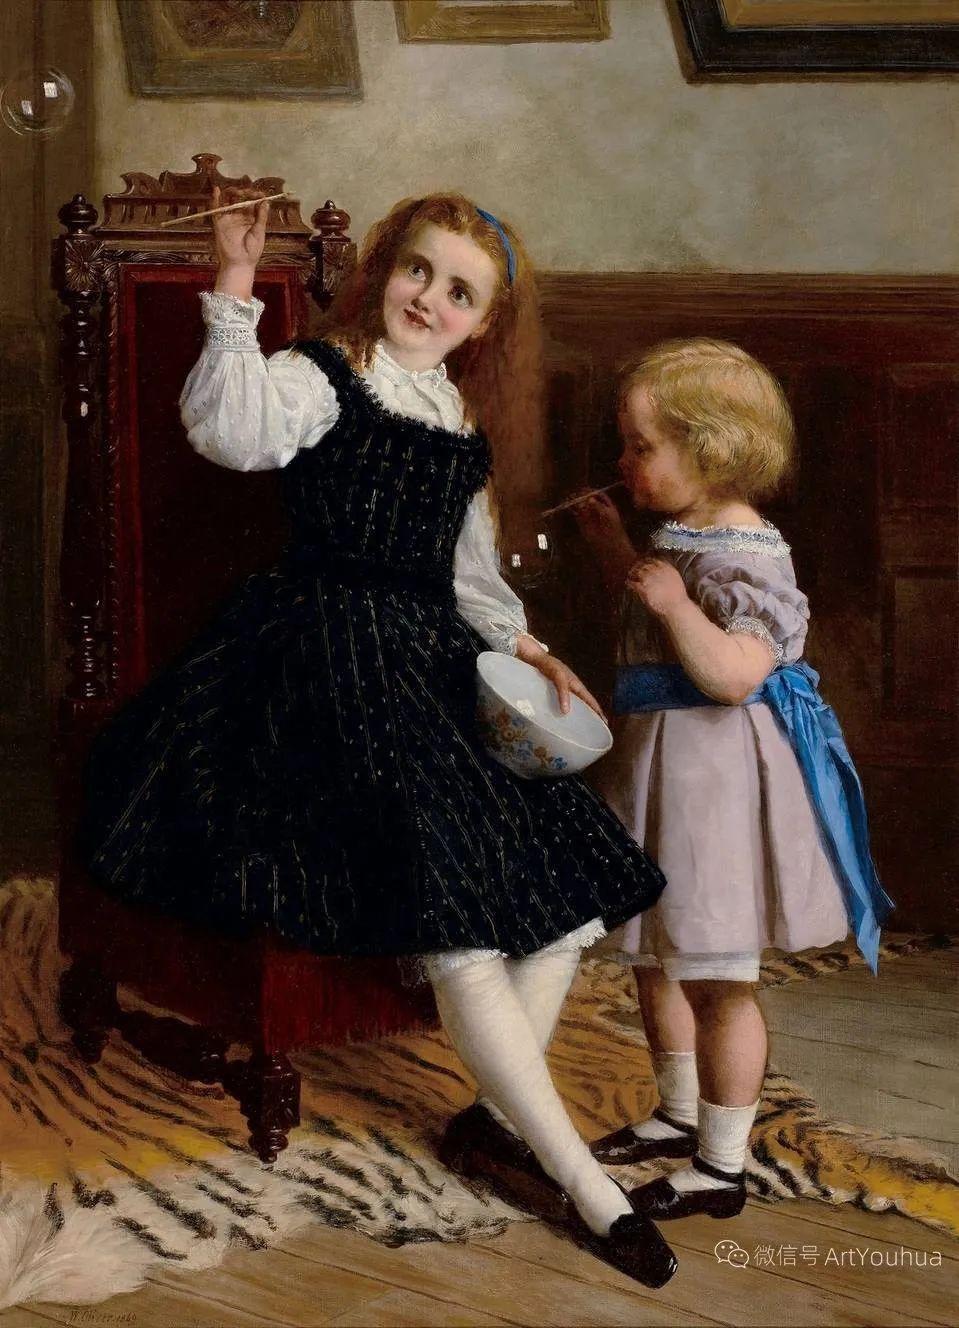 纯情与美丽,英国画家威廉·奥利弗作品选插图81